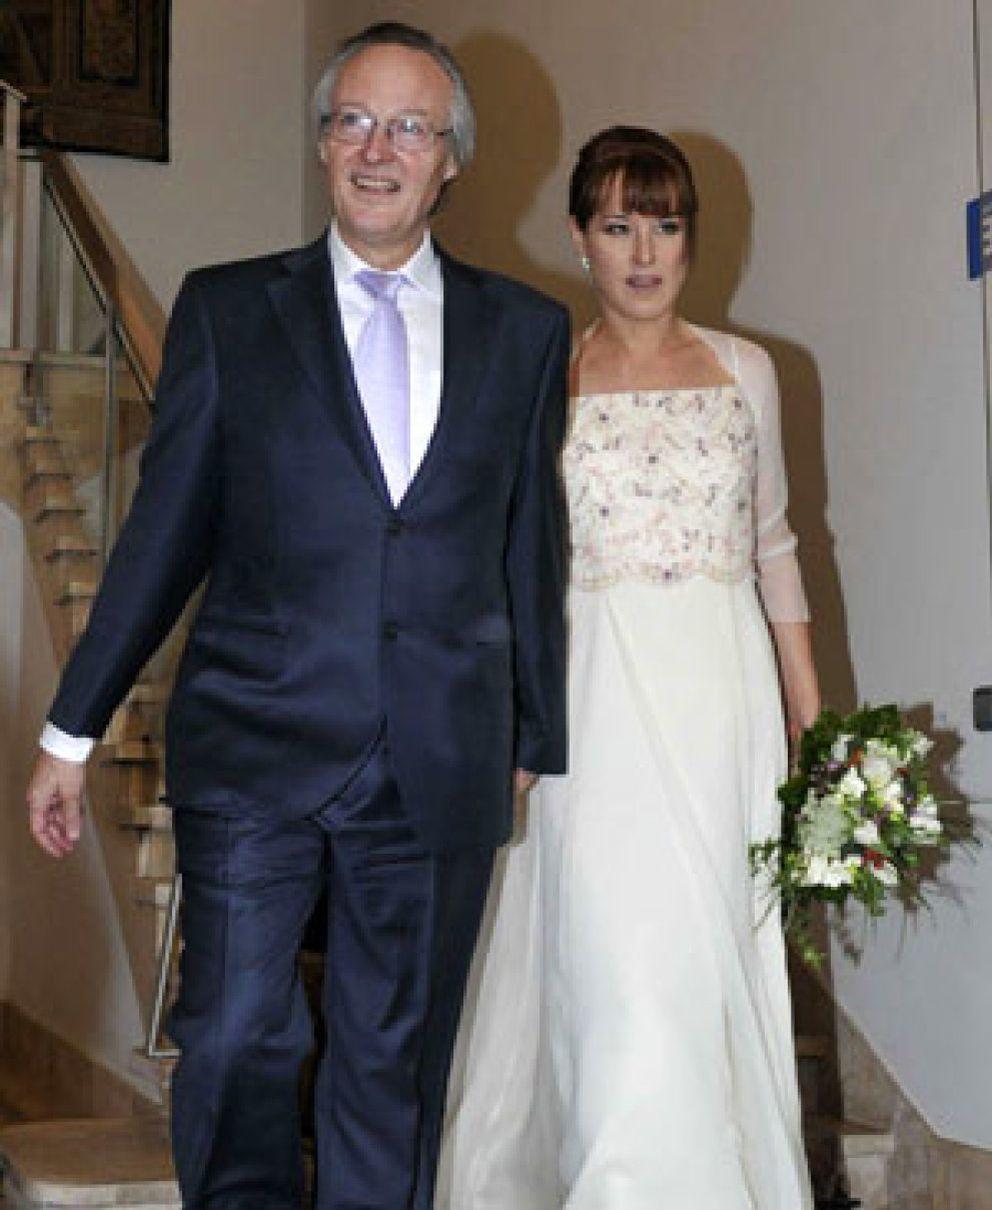 Foto: Políticos y divorciados: del tabú a la epidemia